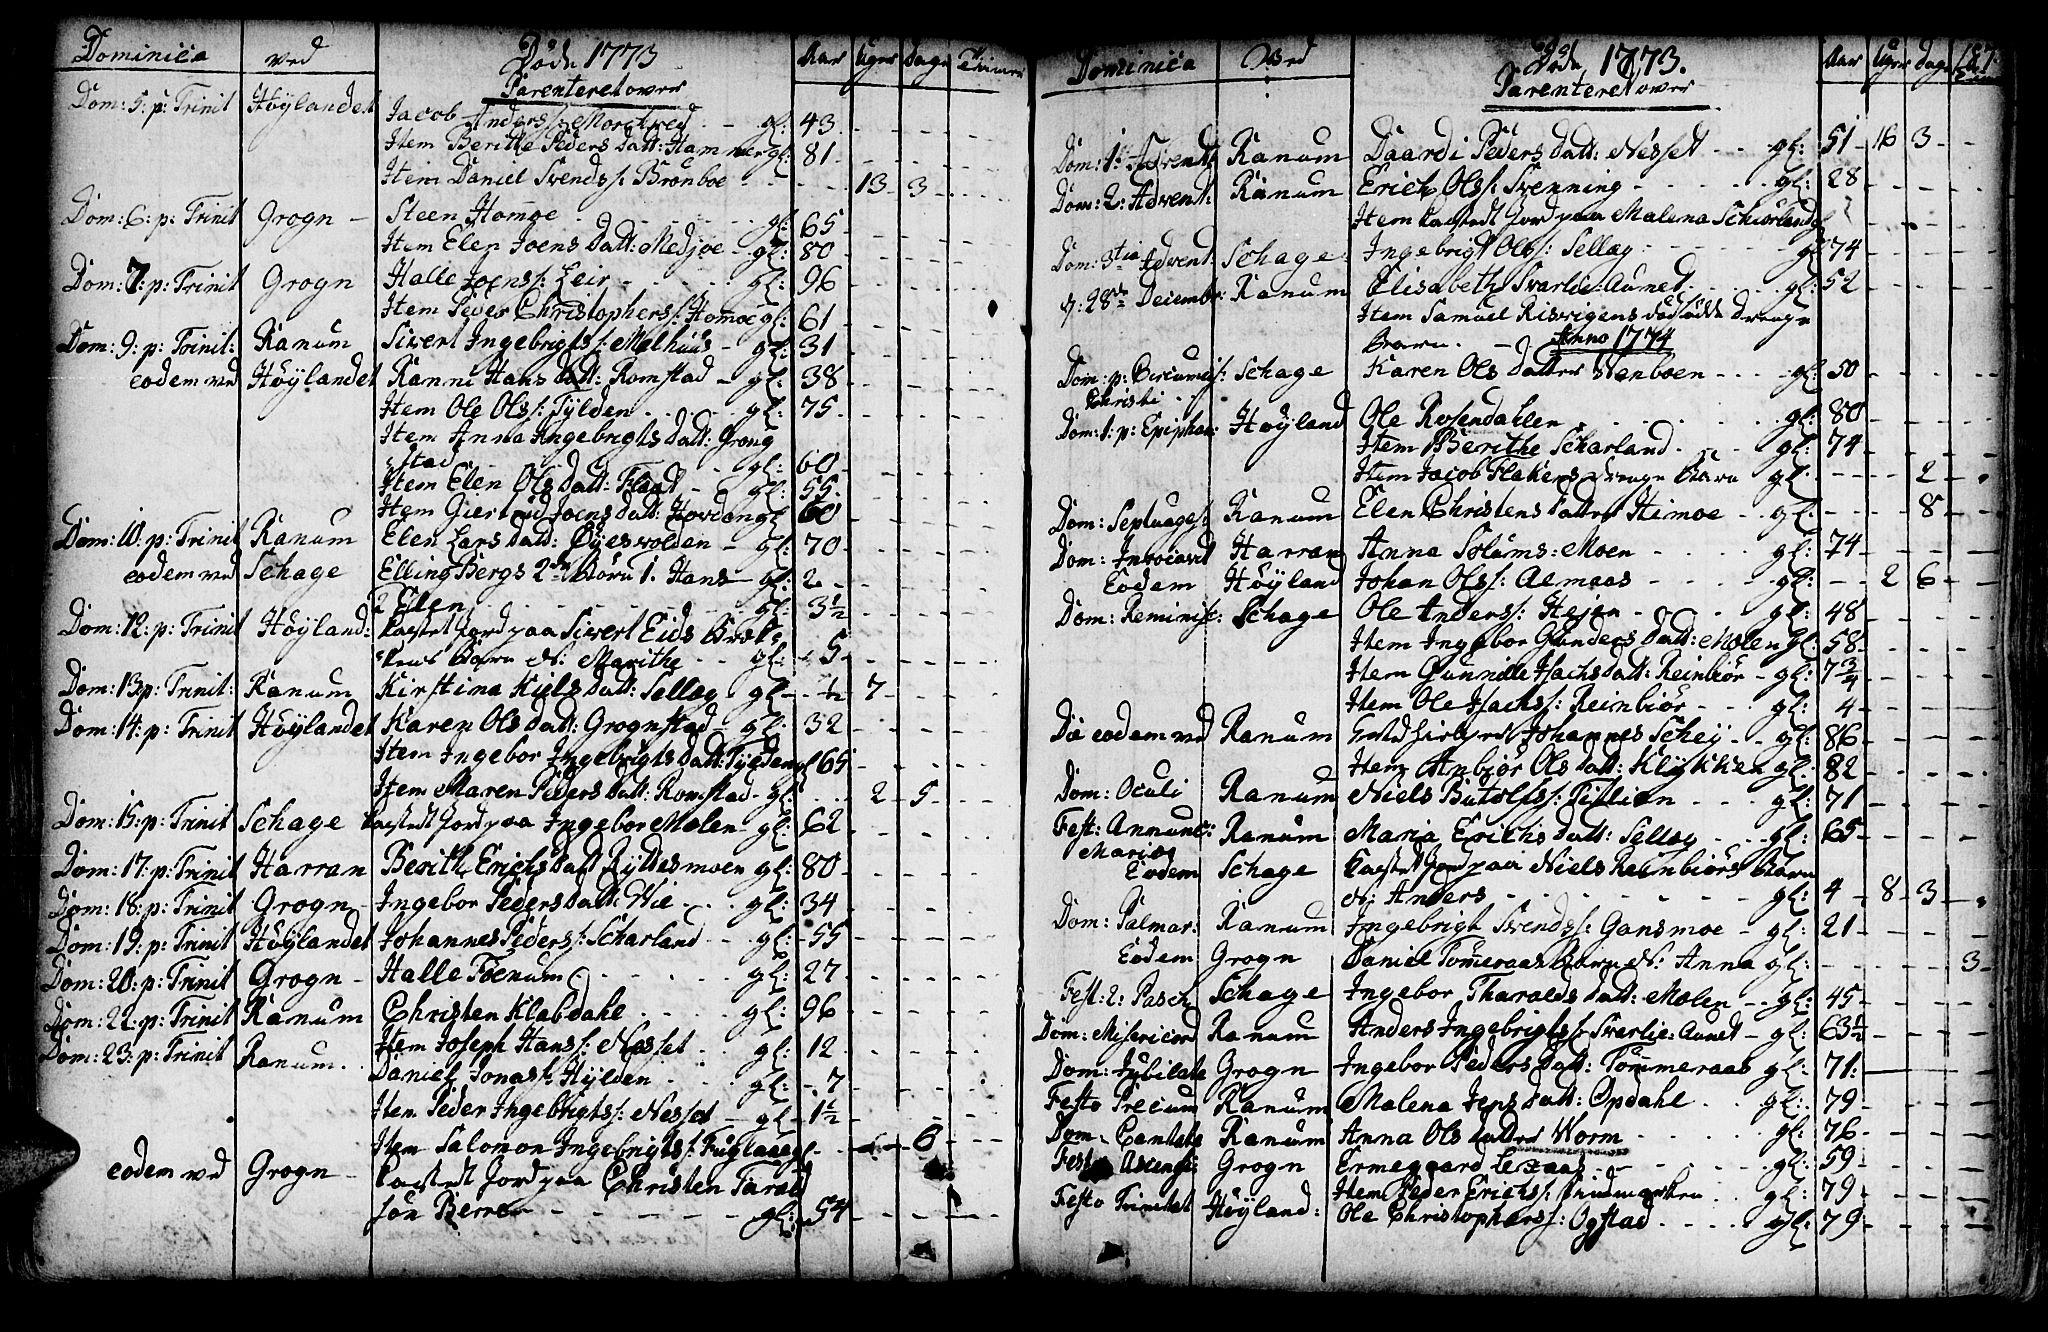 SAT, Ministerialprotokoller, klokkerbøker og fødselsregistre - Nord-Trøndelag, 764/L0542: Ministerialbok nr. 764A02, 1748-1779, s. 187